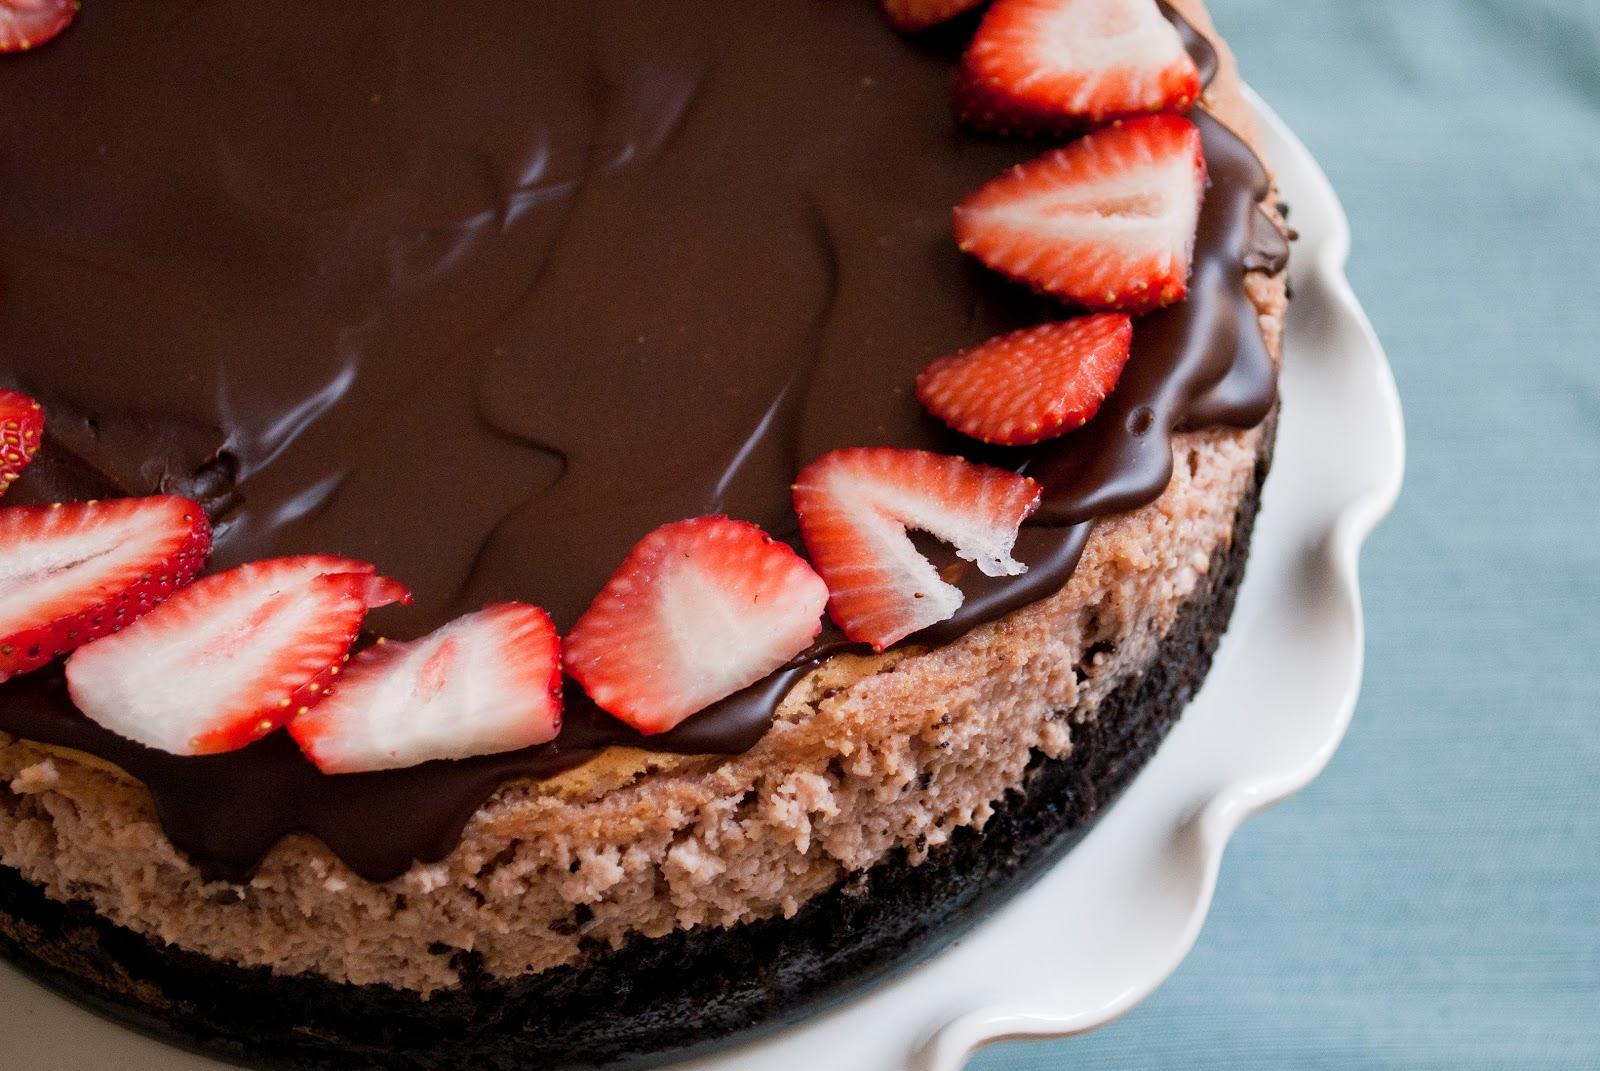 Ryan Bakes: Chocolate Strawberry Cheesecake